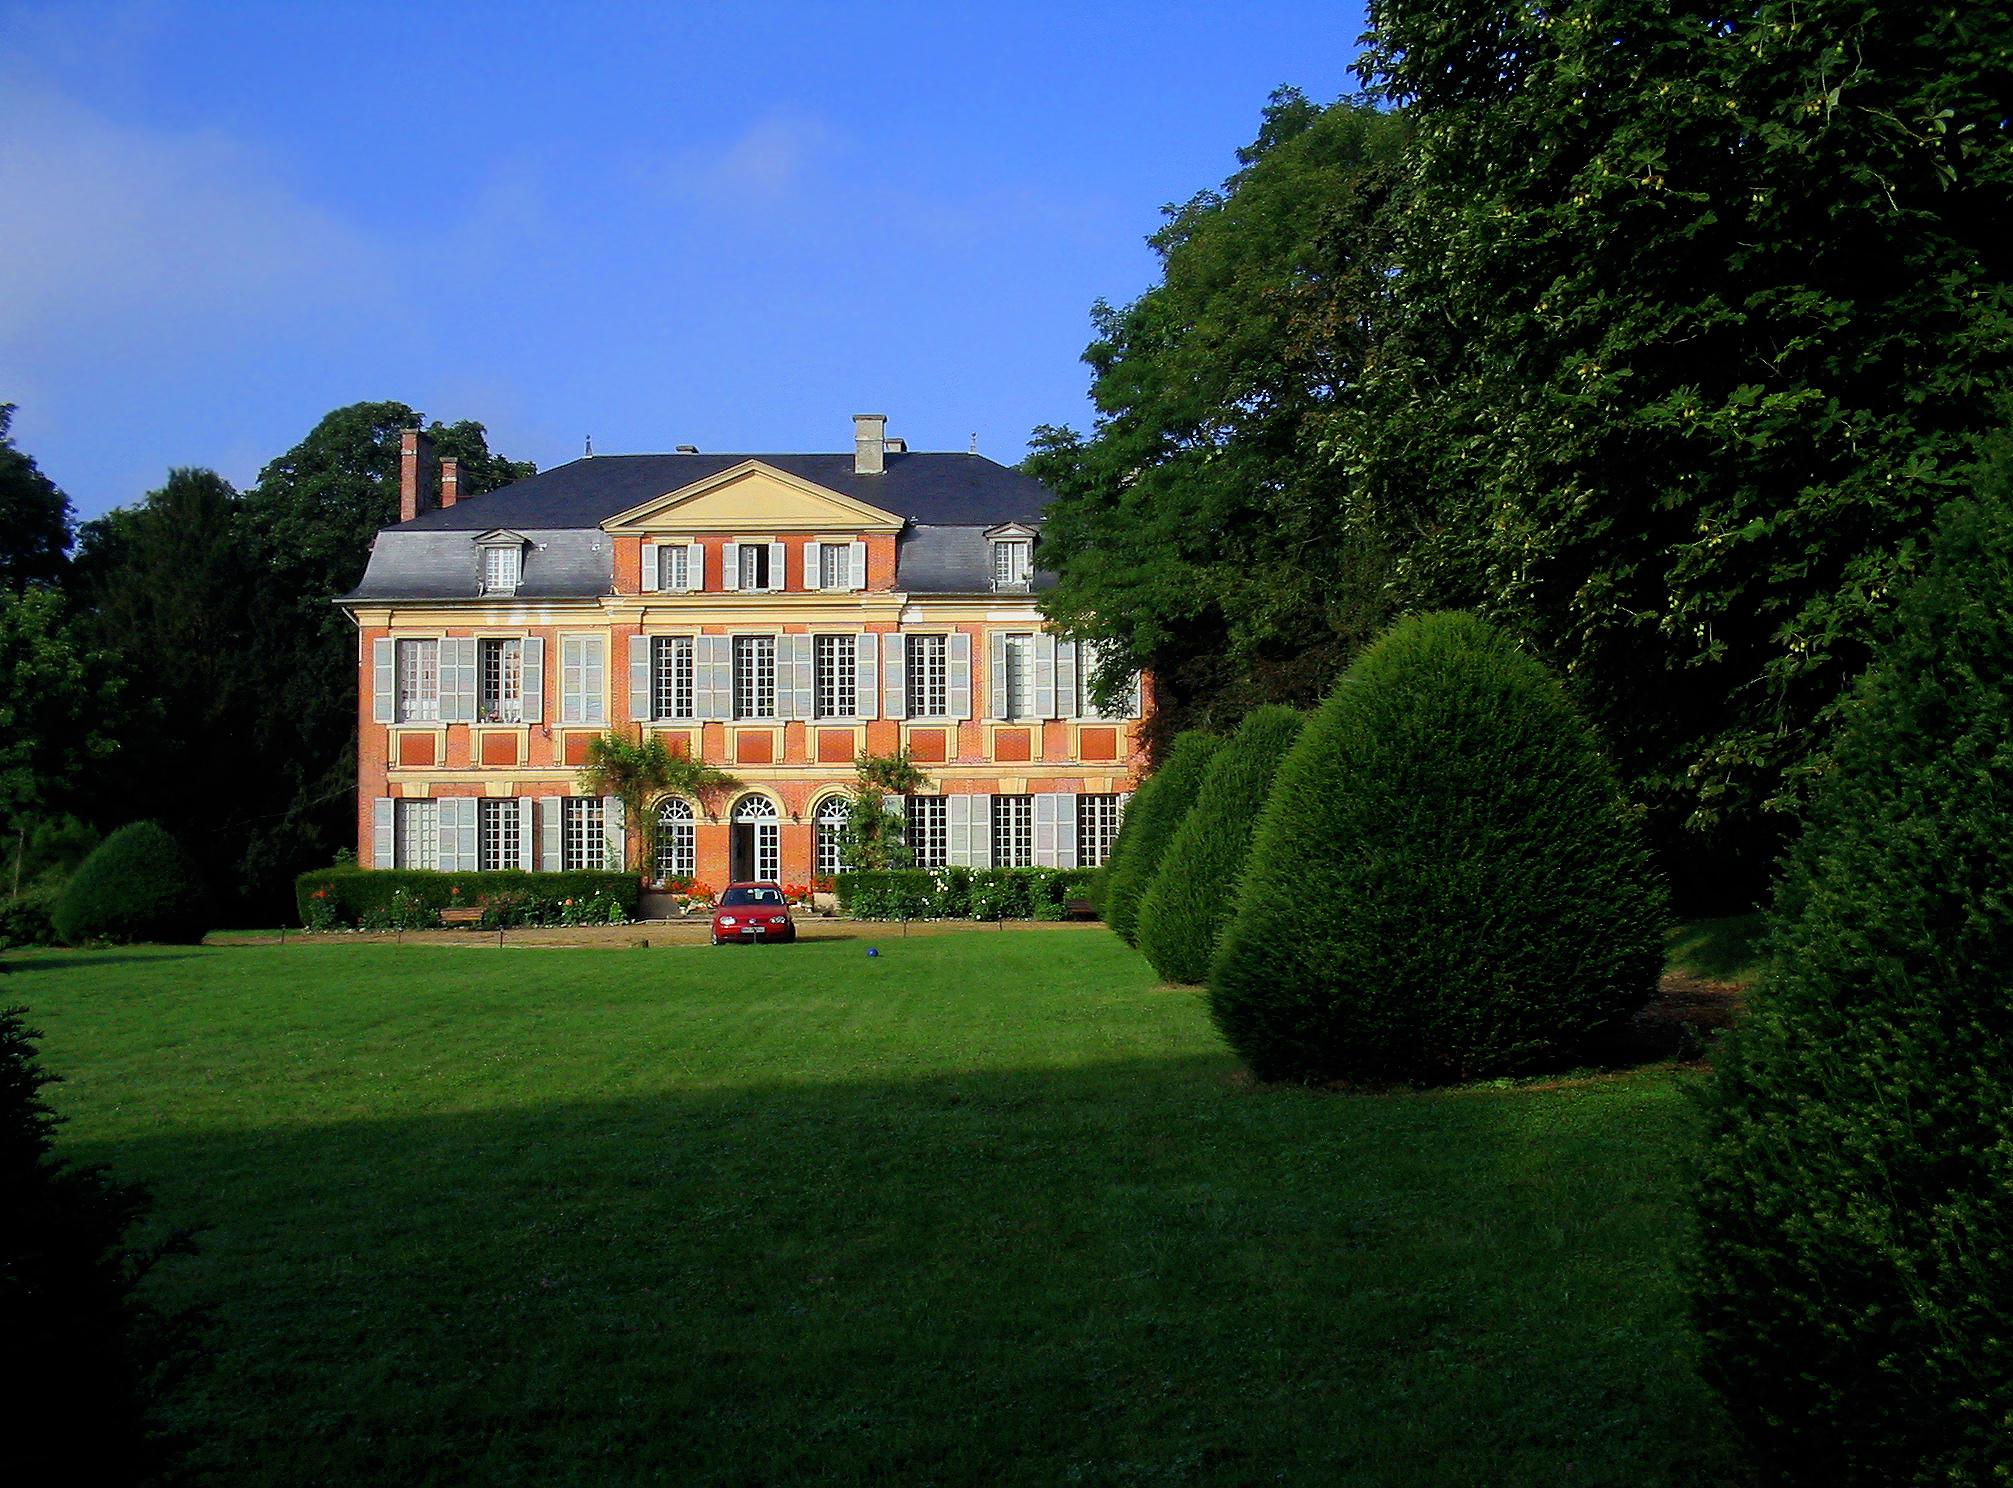 Купить землю во франции жилье в барселоне купить